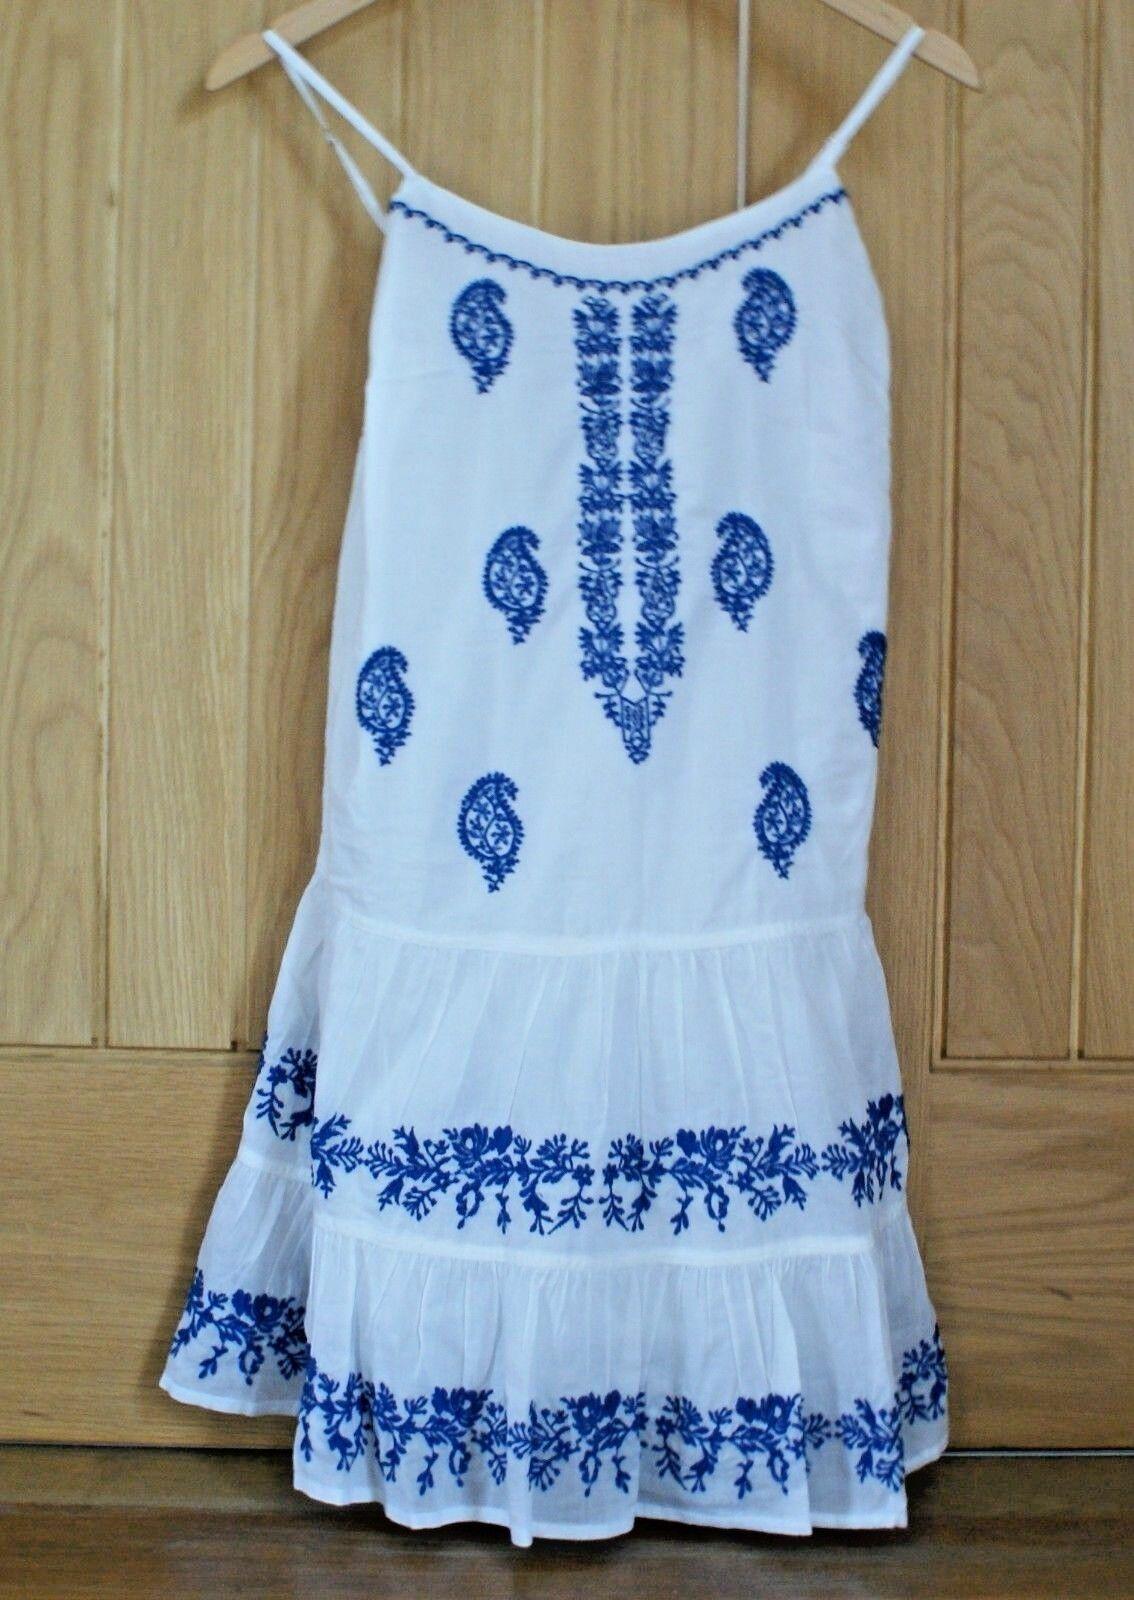 RAPLH LAUREN Dress Weiß 100% Cotton Denim & Supply Sundress Größe Small RRP